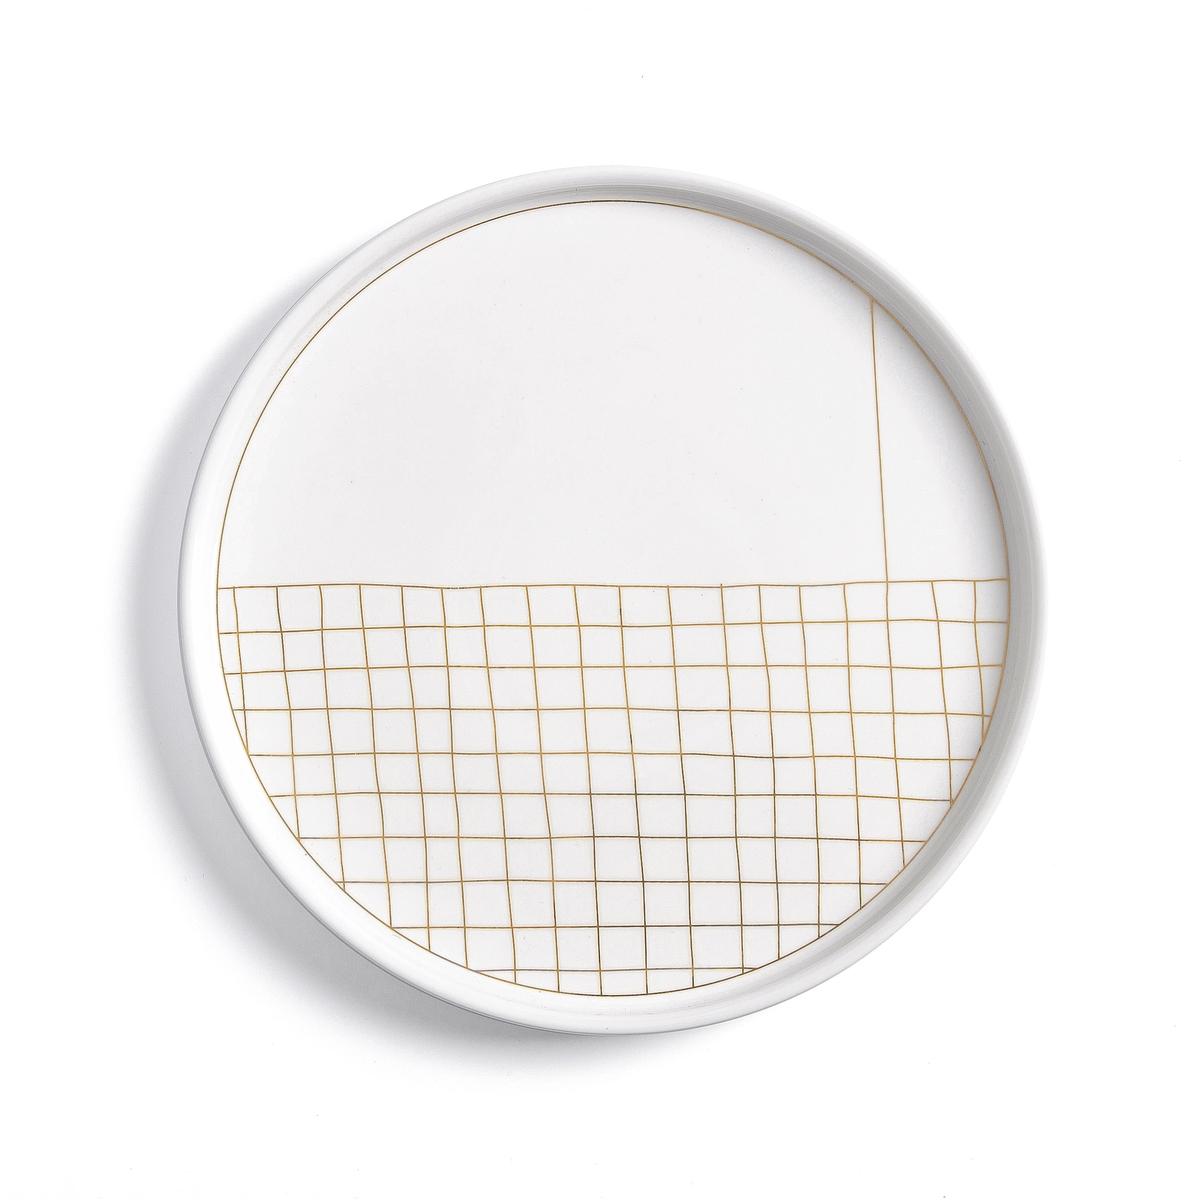 Комплект из десертных тарелок La Redoute ACAO единый размер другие комплект из 4 десертных тарелок sam baron